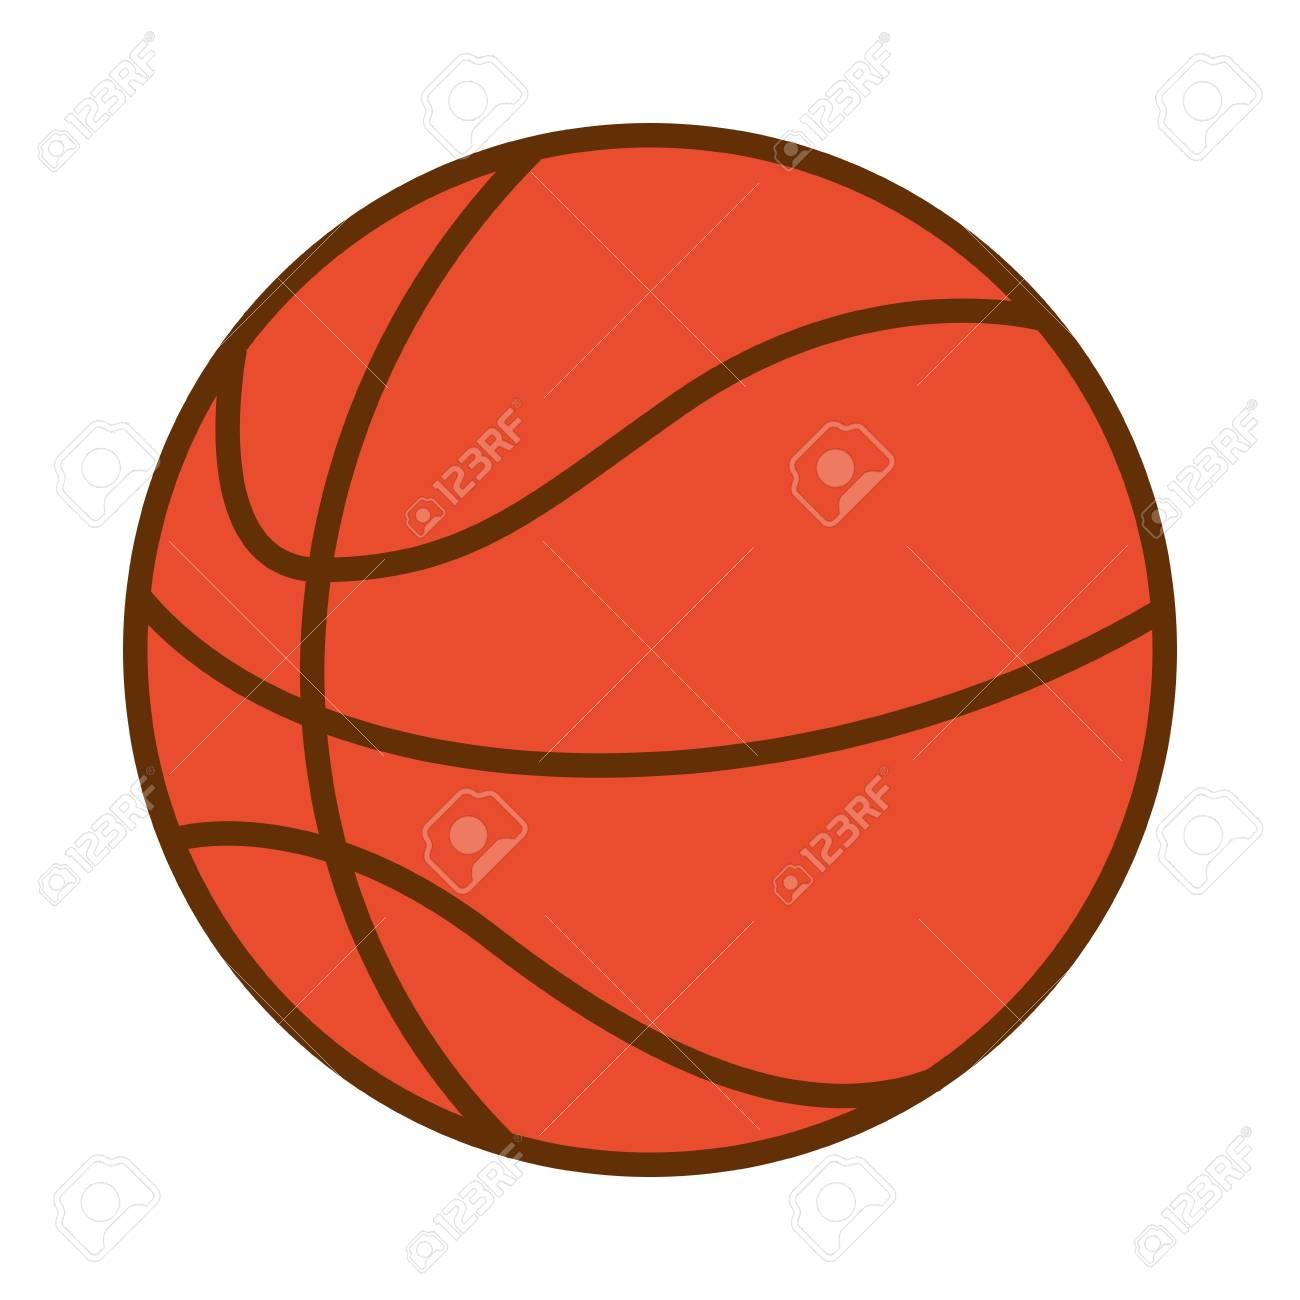 basketball ball sport on white background vector illustration - 126464248